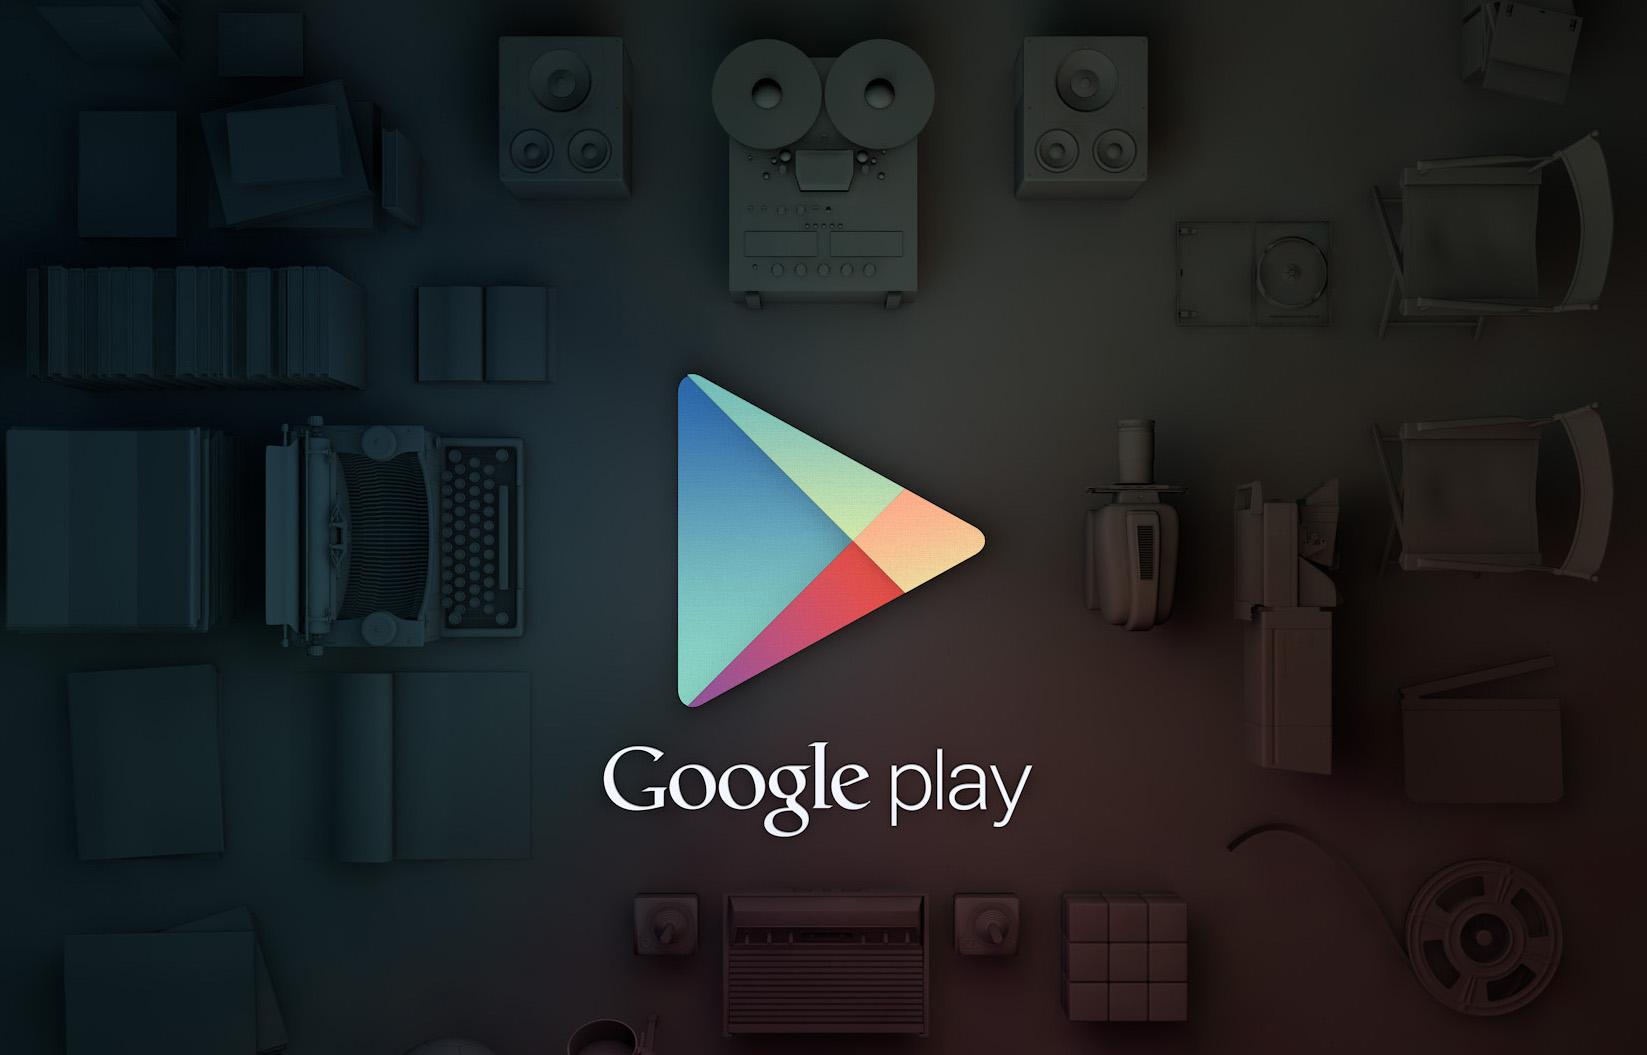 Зачем нам нужны сервисы Google Play - Smartflix